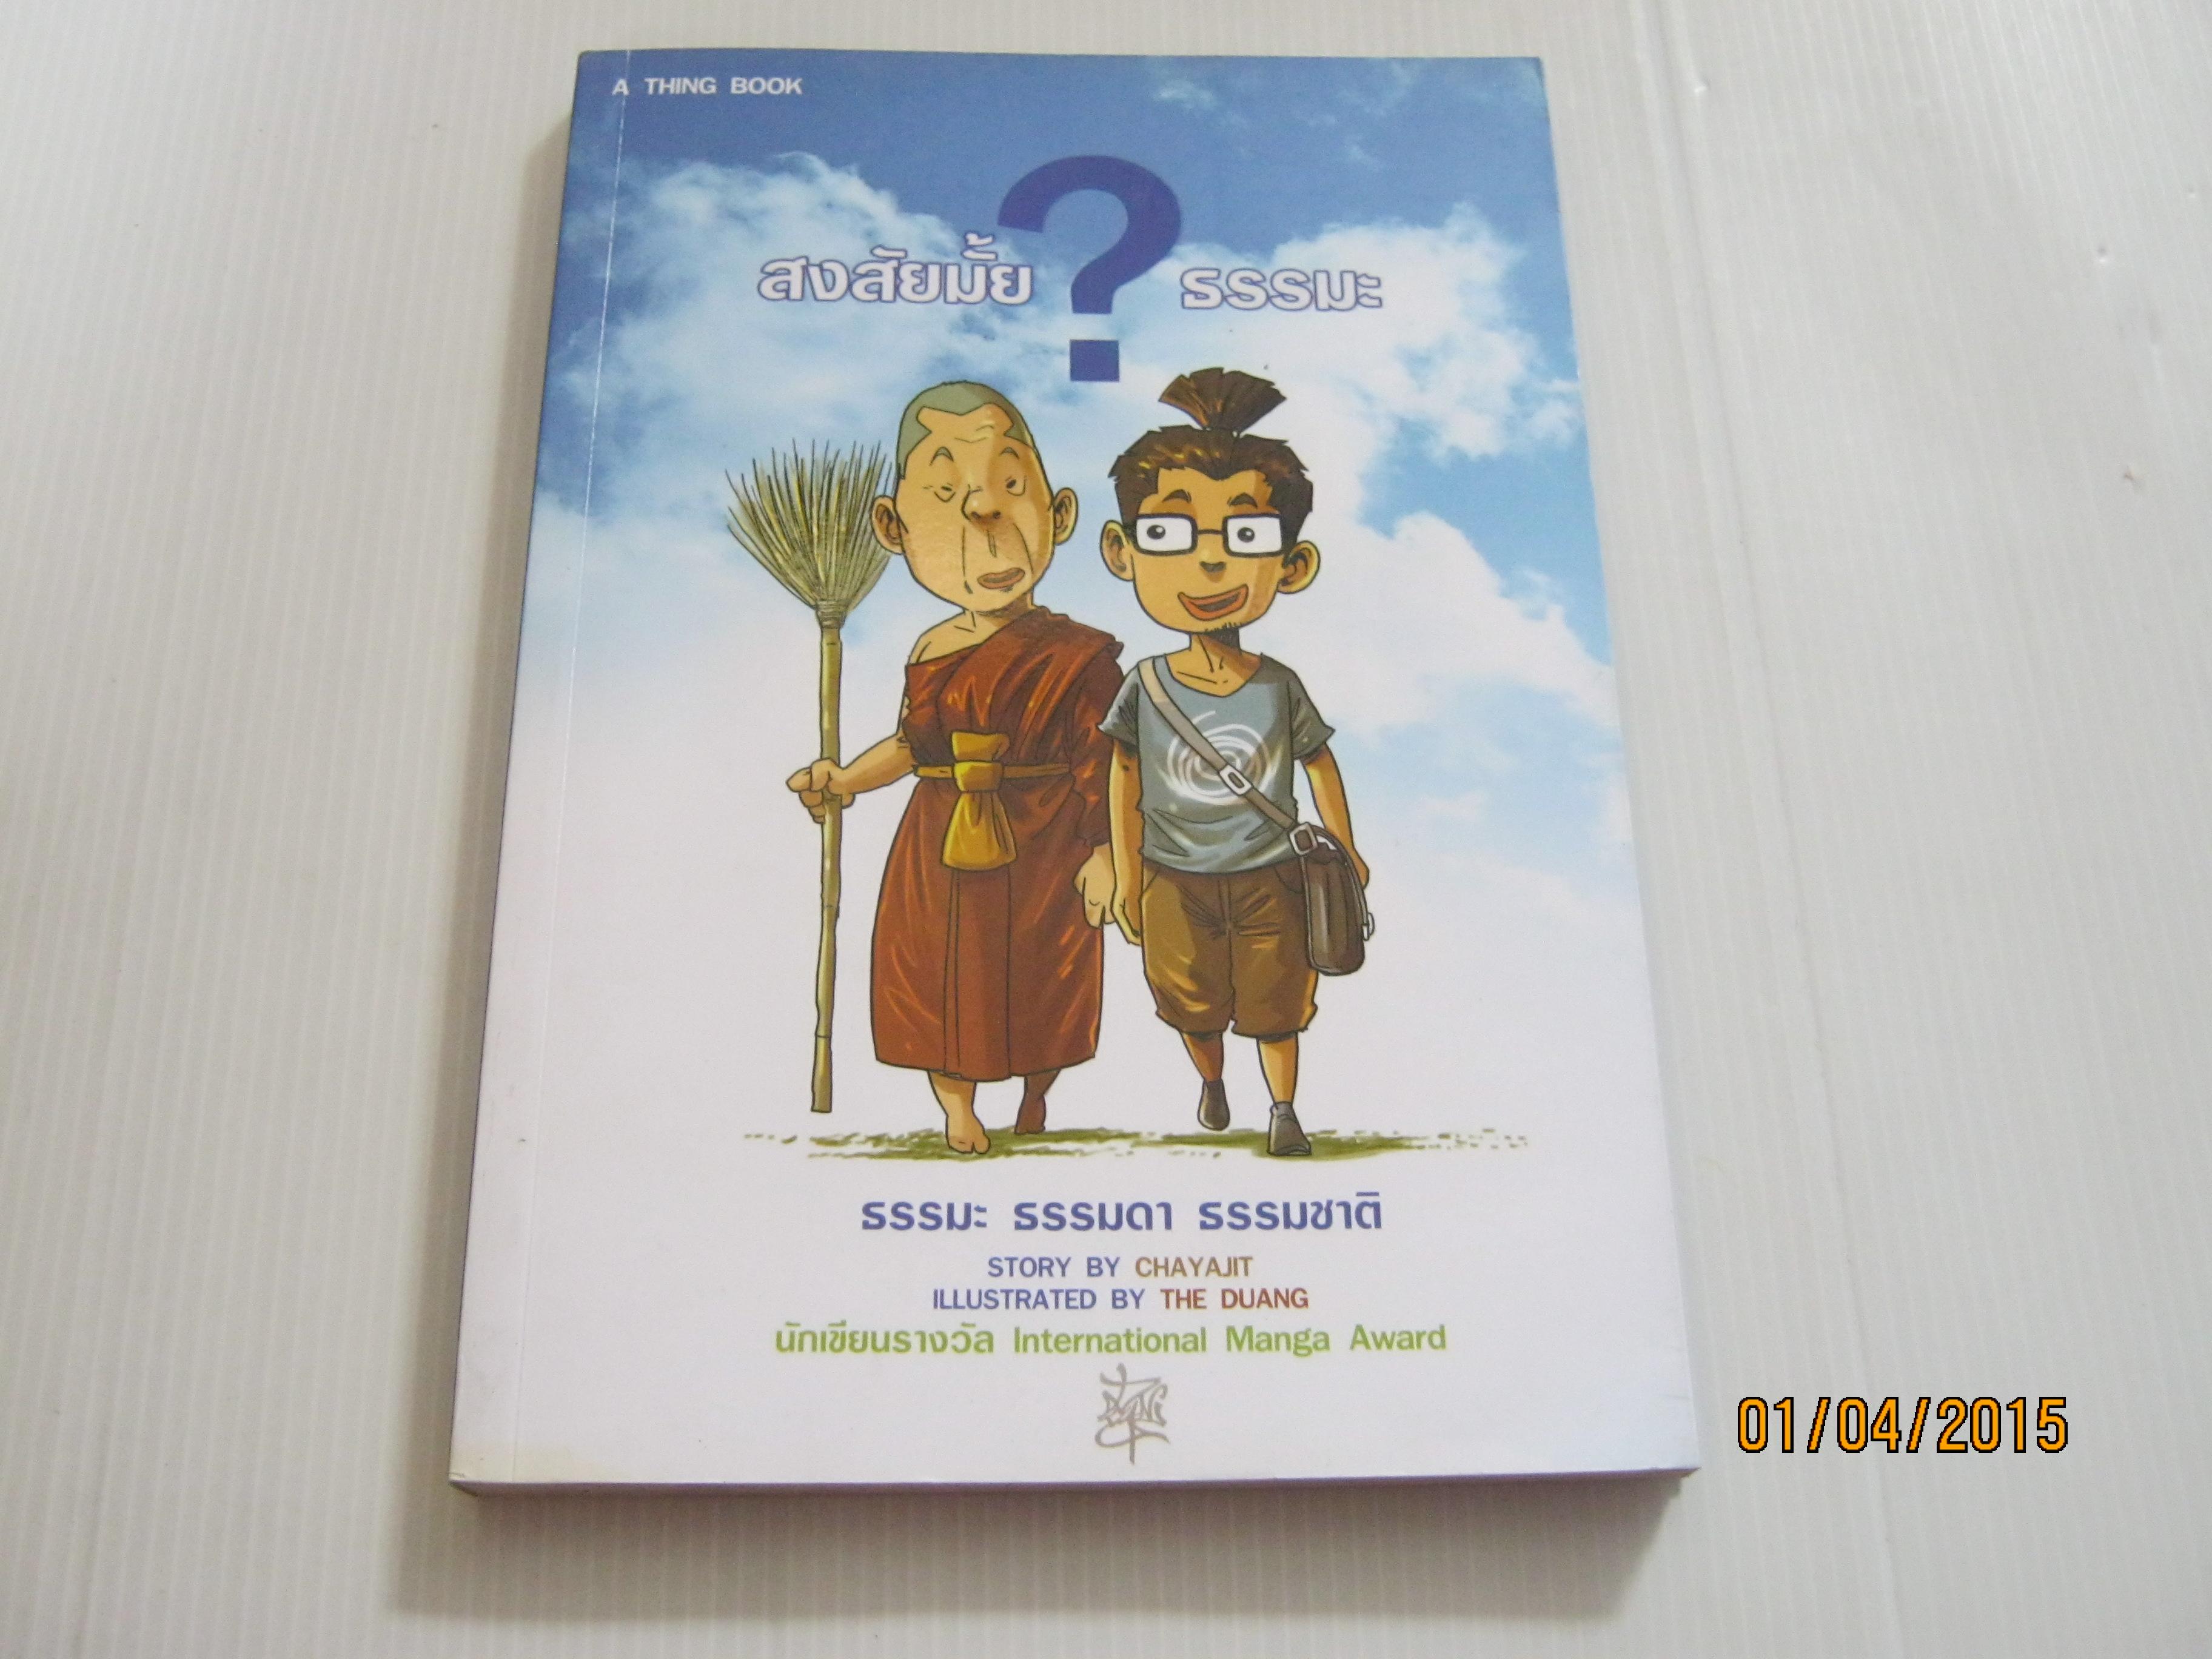 สงสัยมั้ย ? ธรรมะ ธรรมะ ธรรมดา ธรรมชาติ Story By Chayajit Illustrated By The Duang